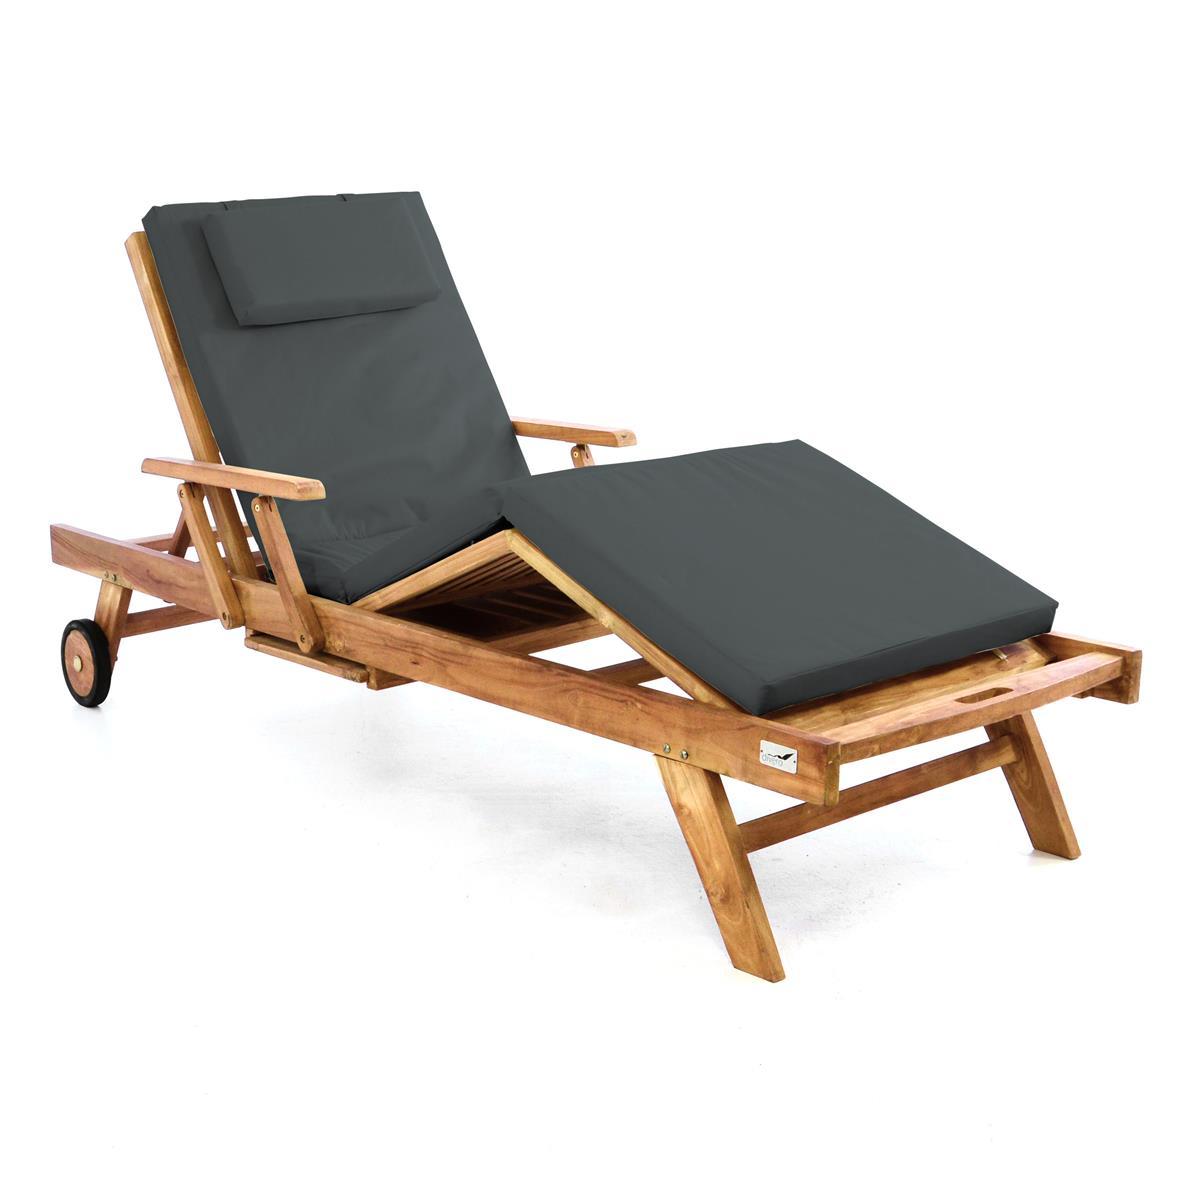 Wunderbar DIVERO Sonnenliege Gartenliege Tablett Teak Holz Behandelt Auflage Anthrazit